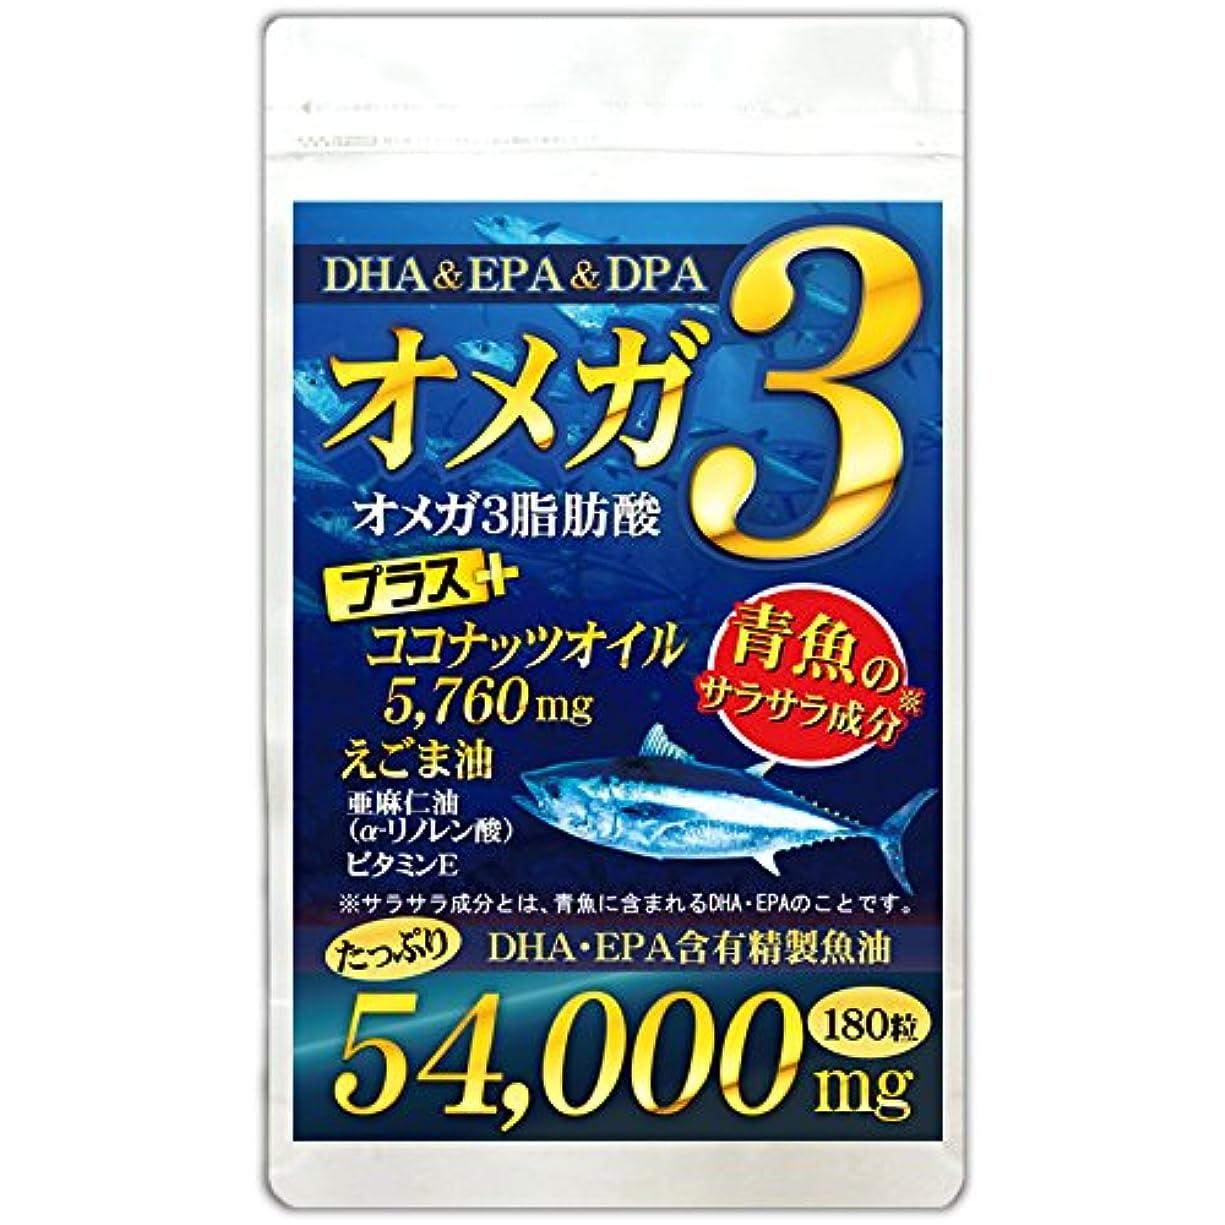 嫌いお気に入り疑い者(大容量:約6ヵ月分/180粒)超高配合!4種オメガ3(DHA+EPA+DPA+α-リノレン酸)+ココナッツオイル